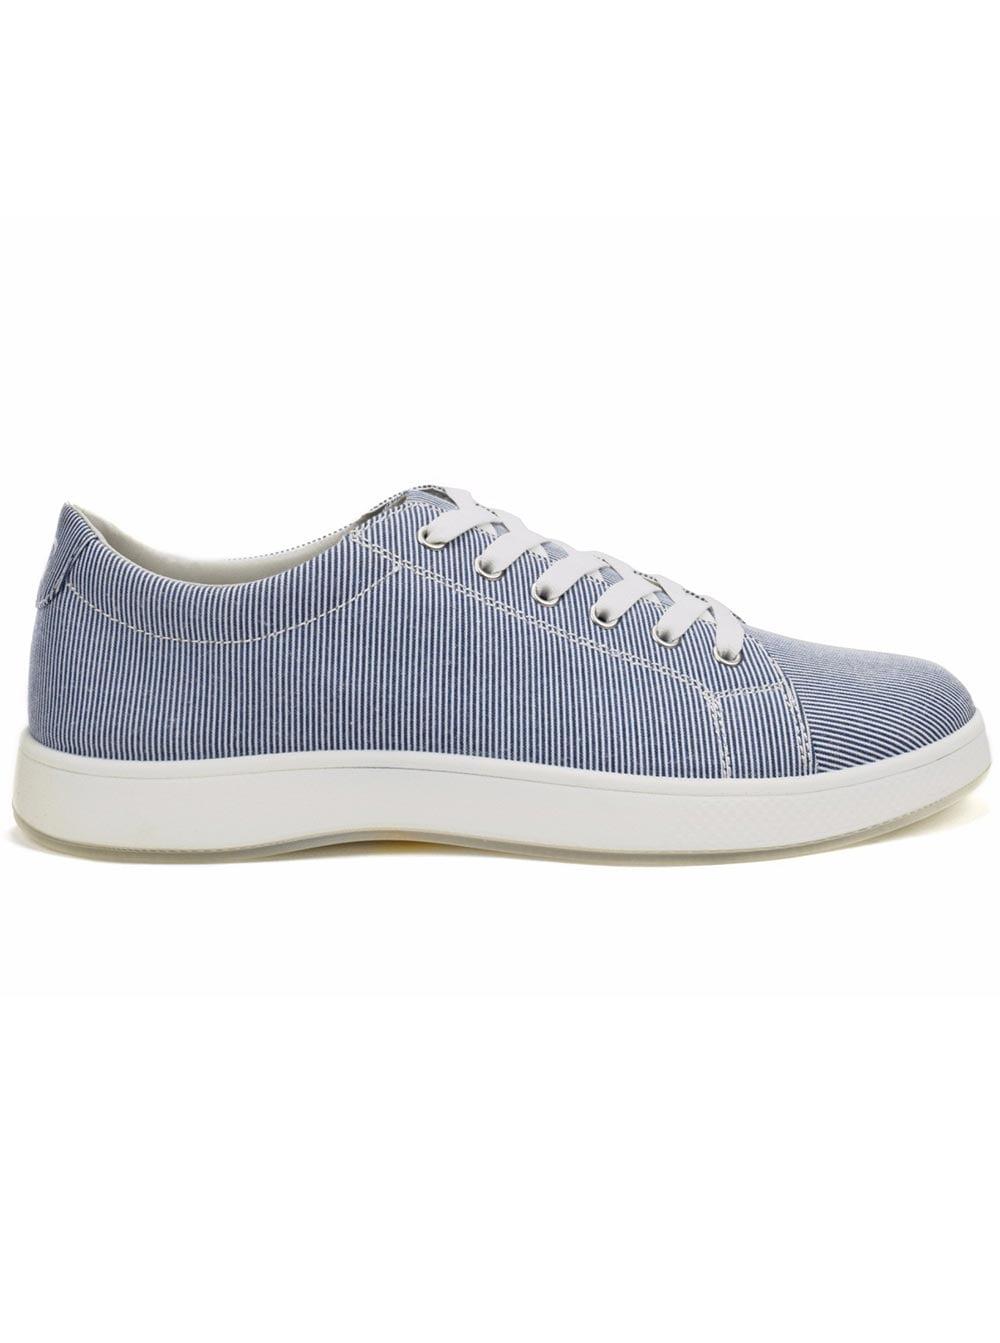 Aureus Men's Lance White Denim Blue Sneakers 11 M US